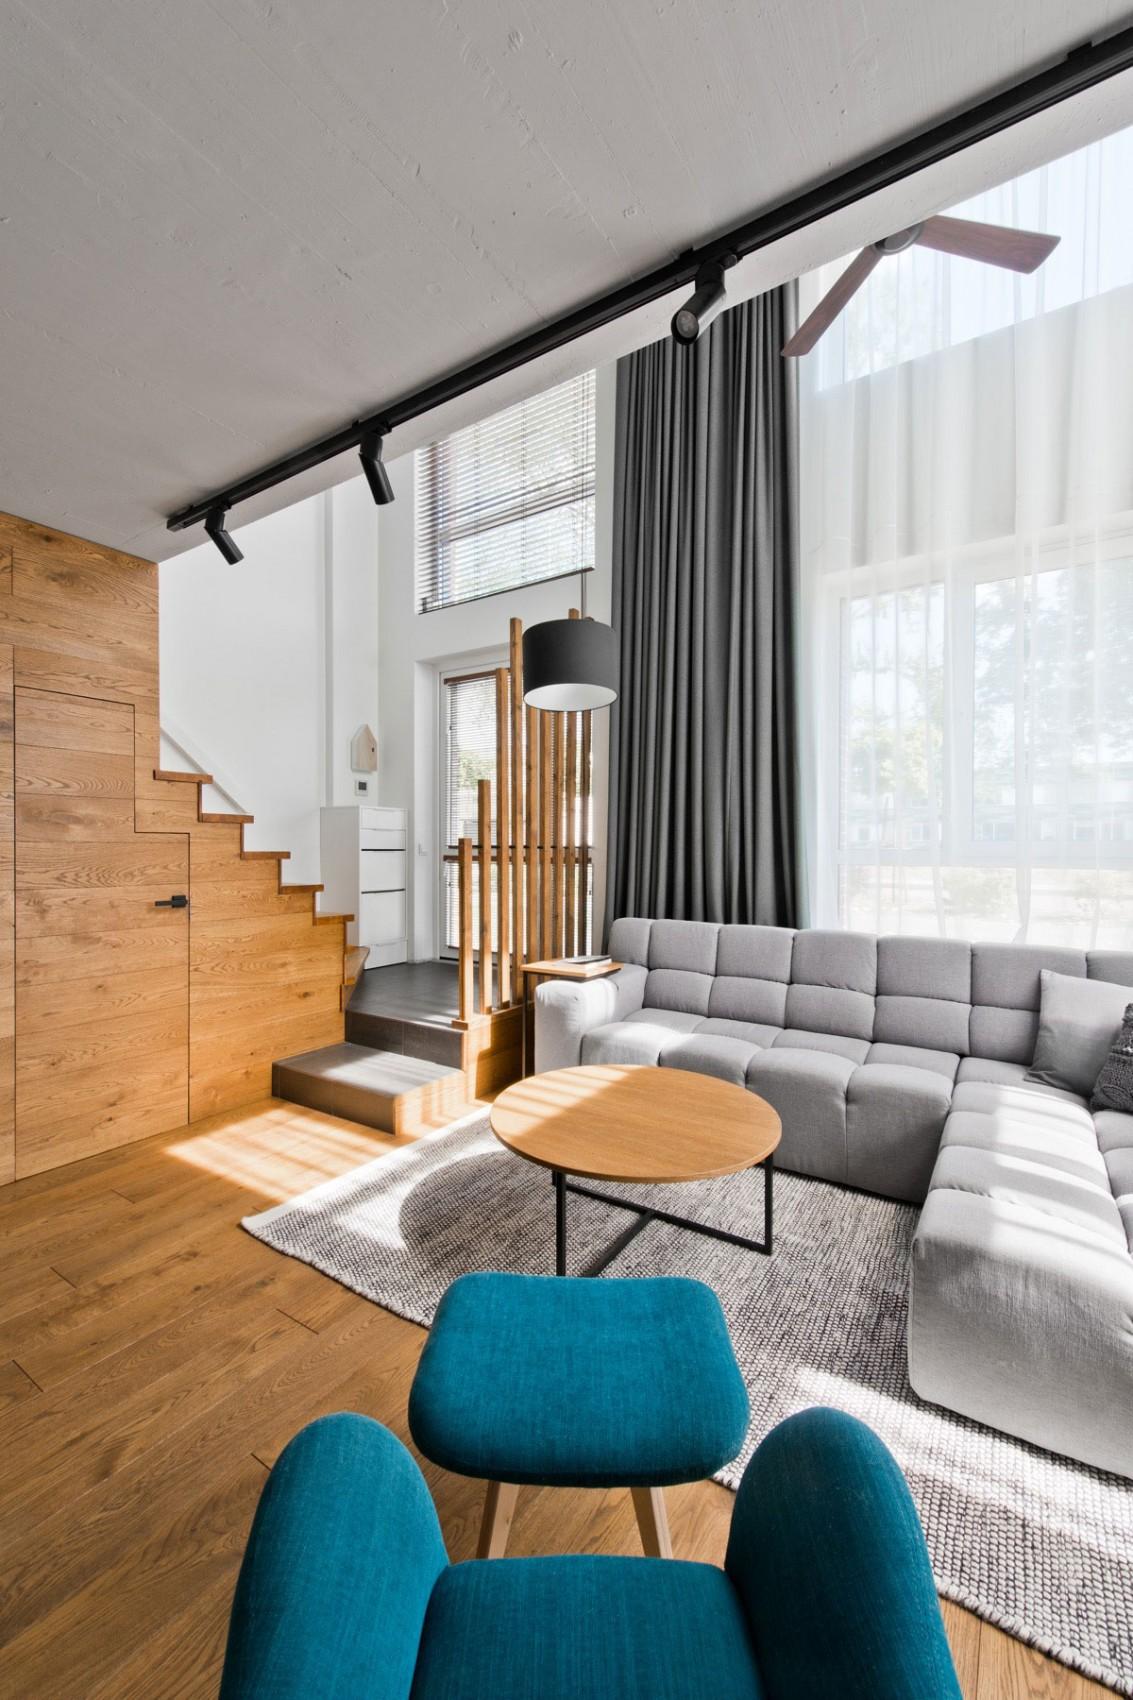 home decor ideas for living room